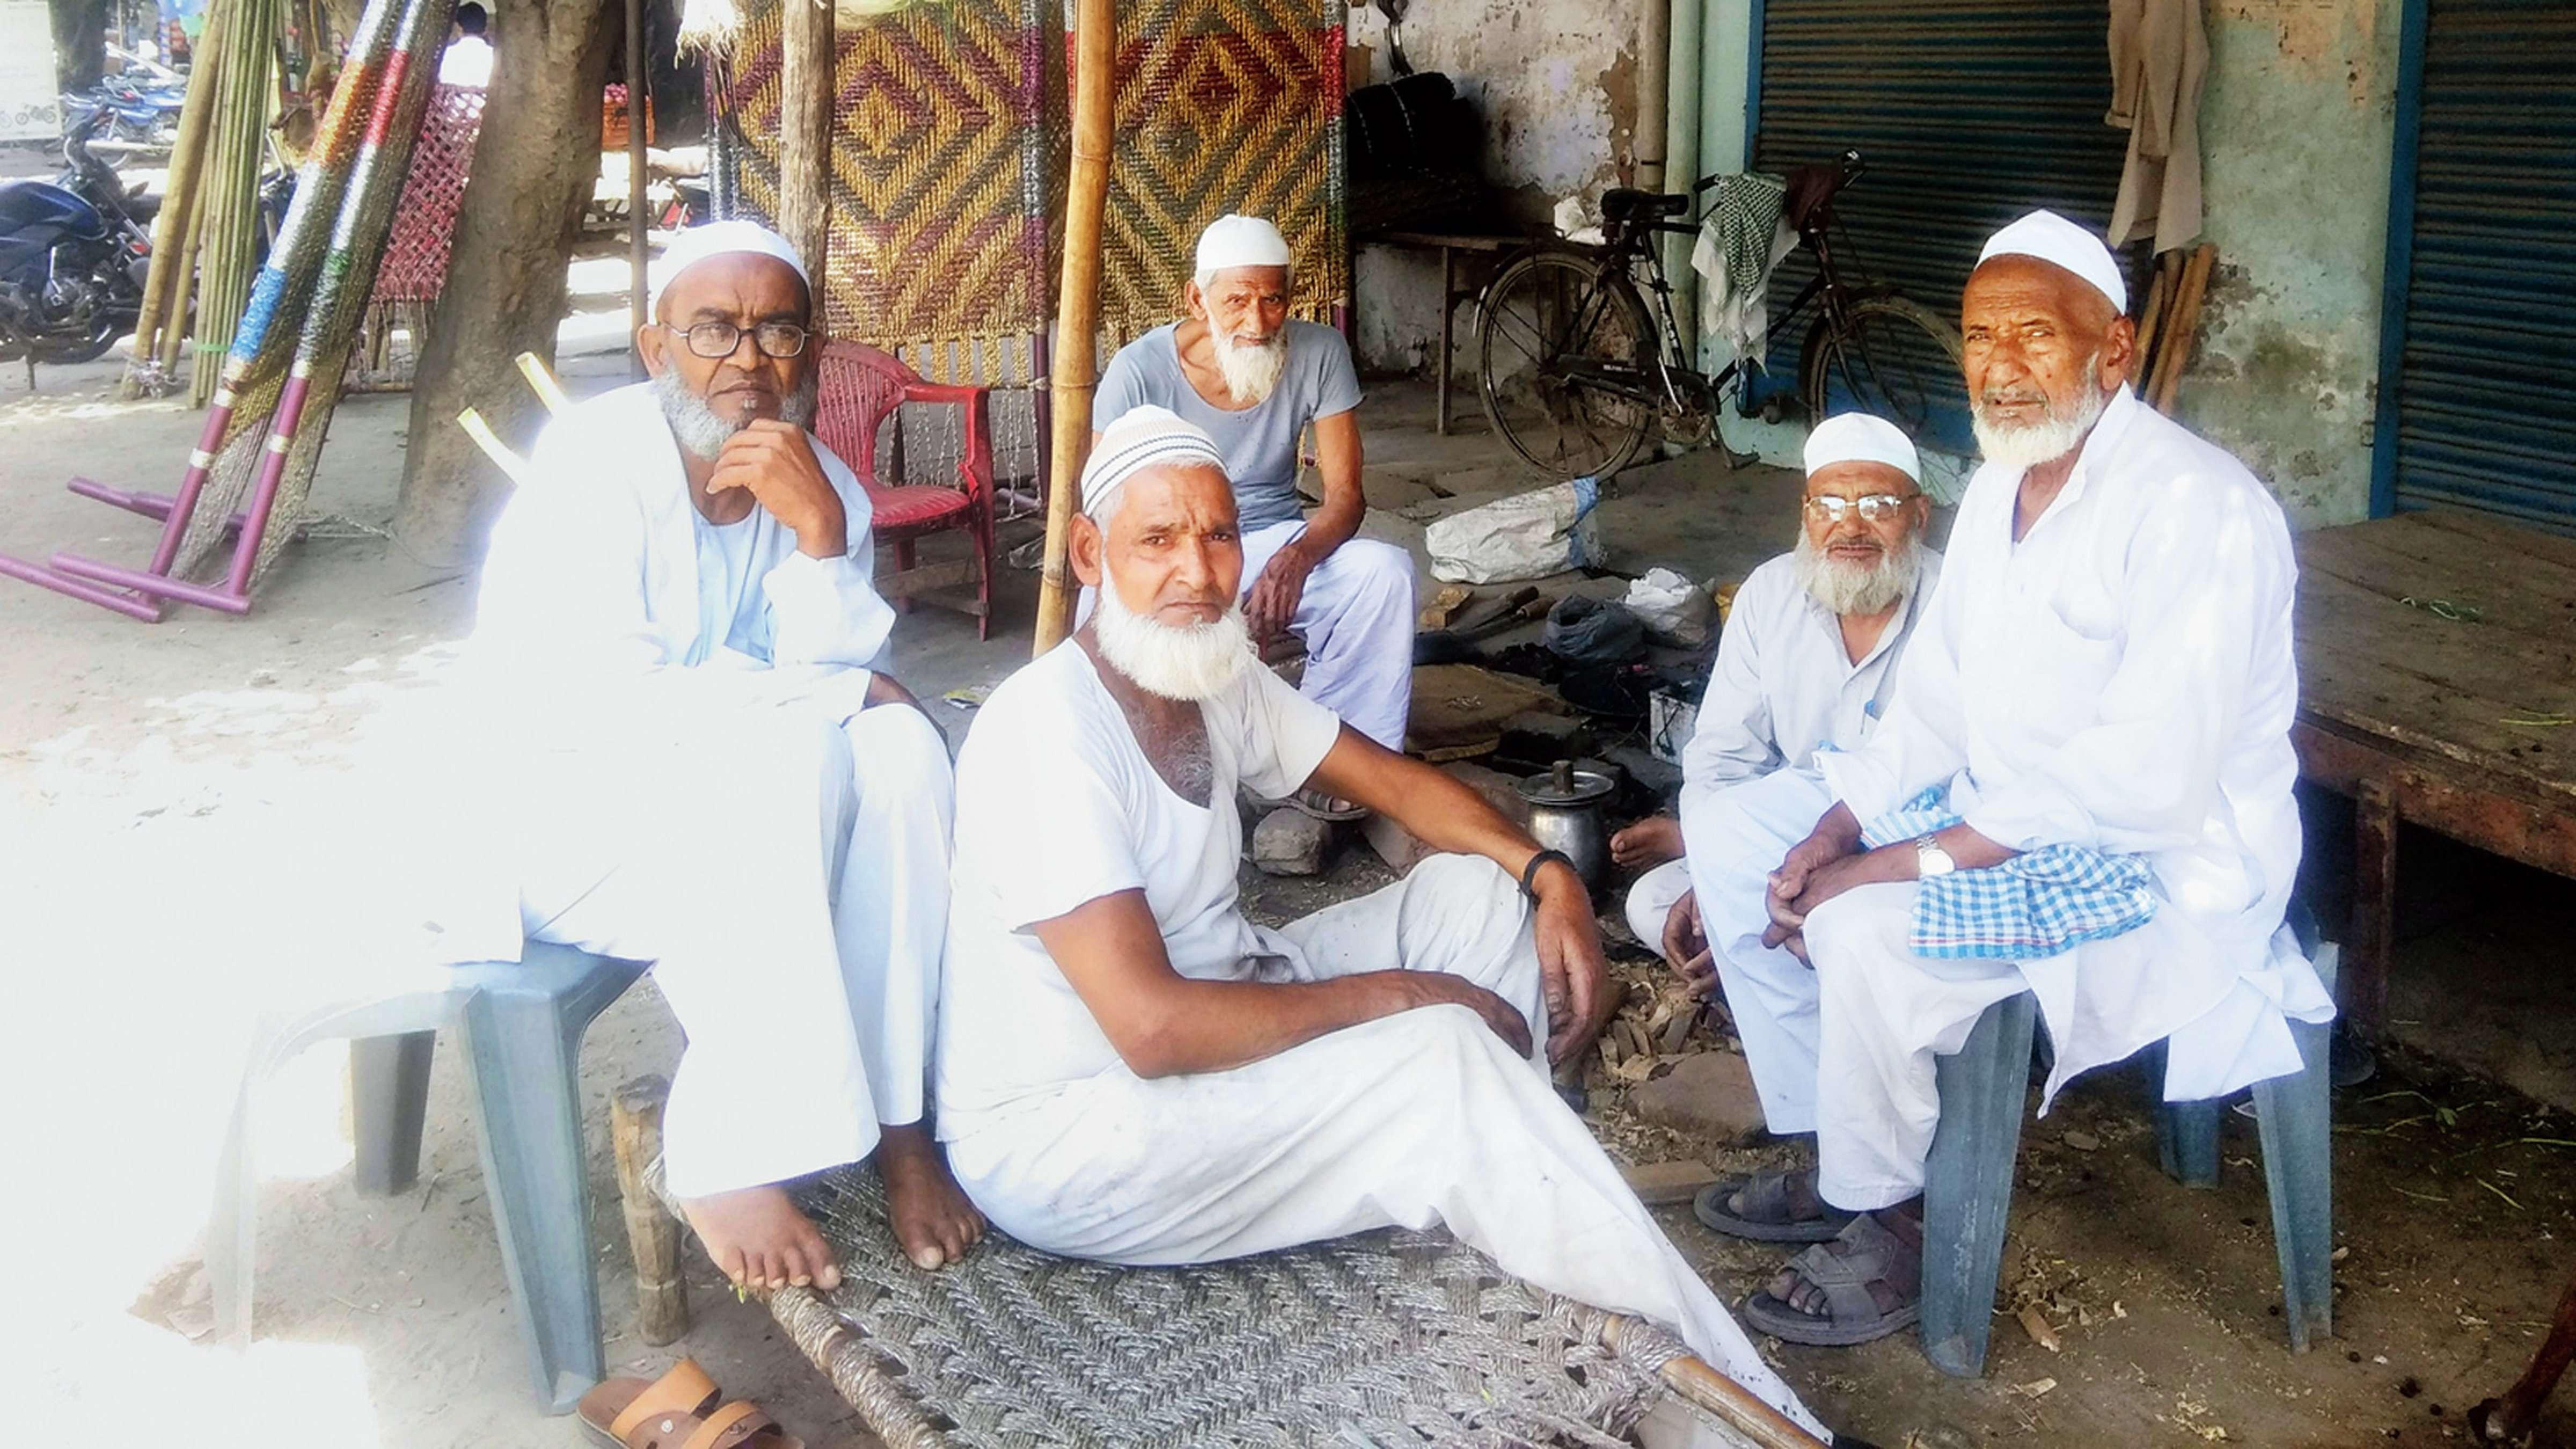 अलीगढ़ को मुजफ्फरनगर बनाने कि कोशिश में जुटी है भाजपा : अलीगढ़ वोटर